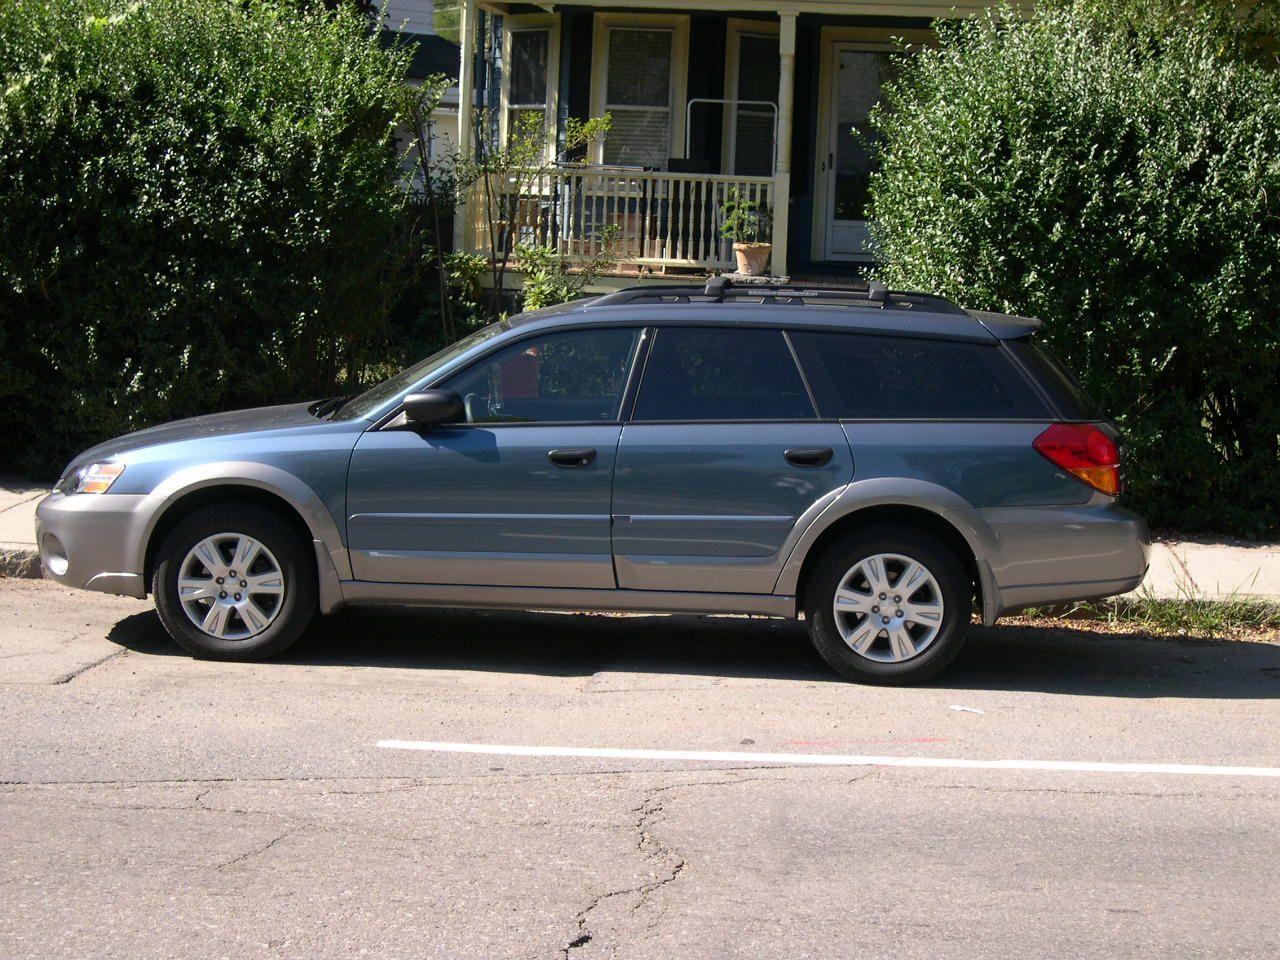 2005 Subaru Outback Pictures Cargurus